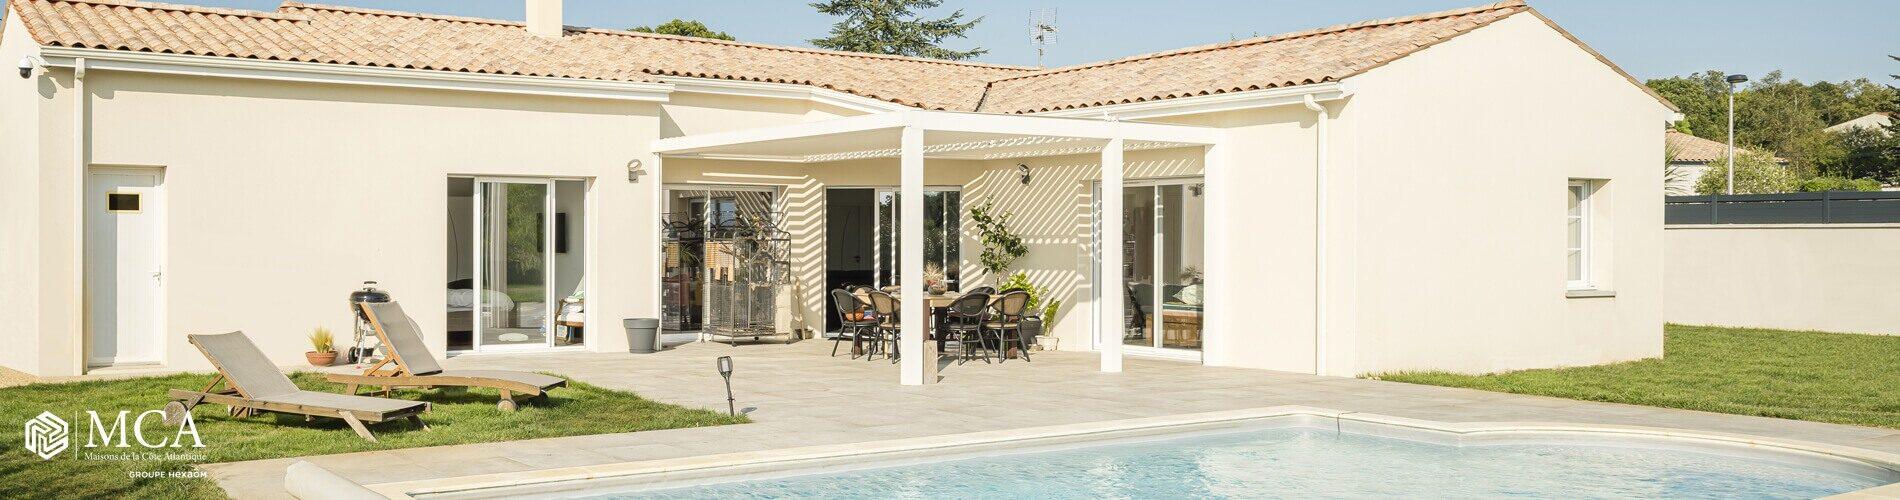 Maison en L avec piscine